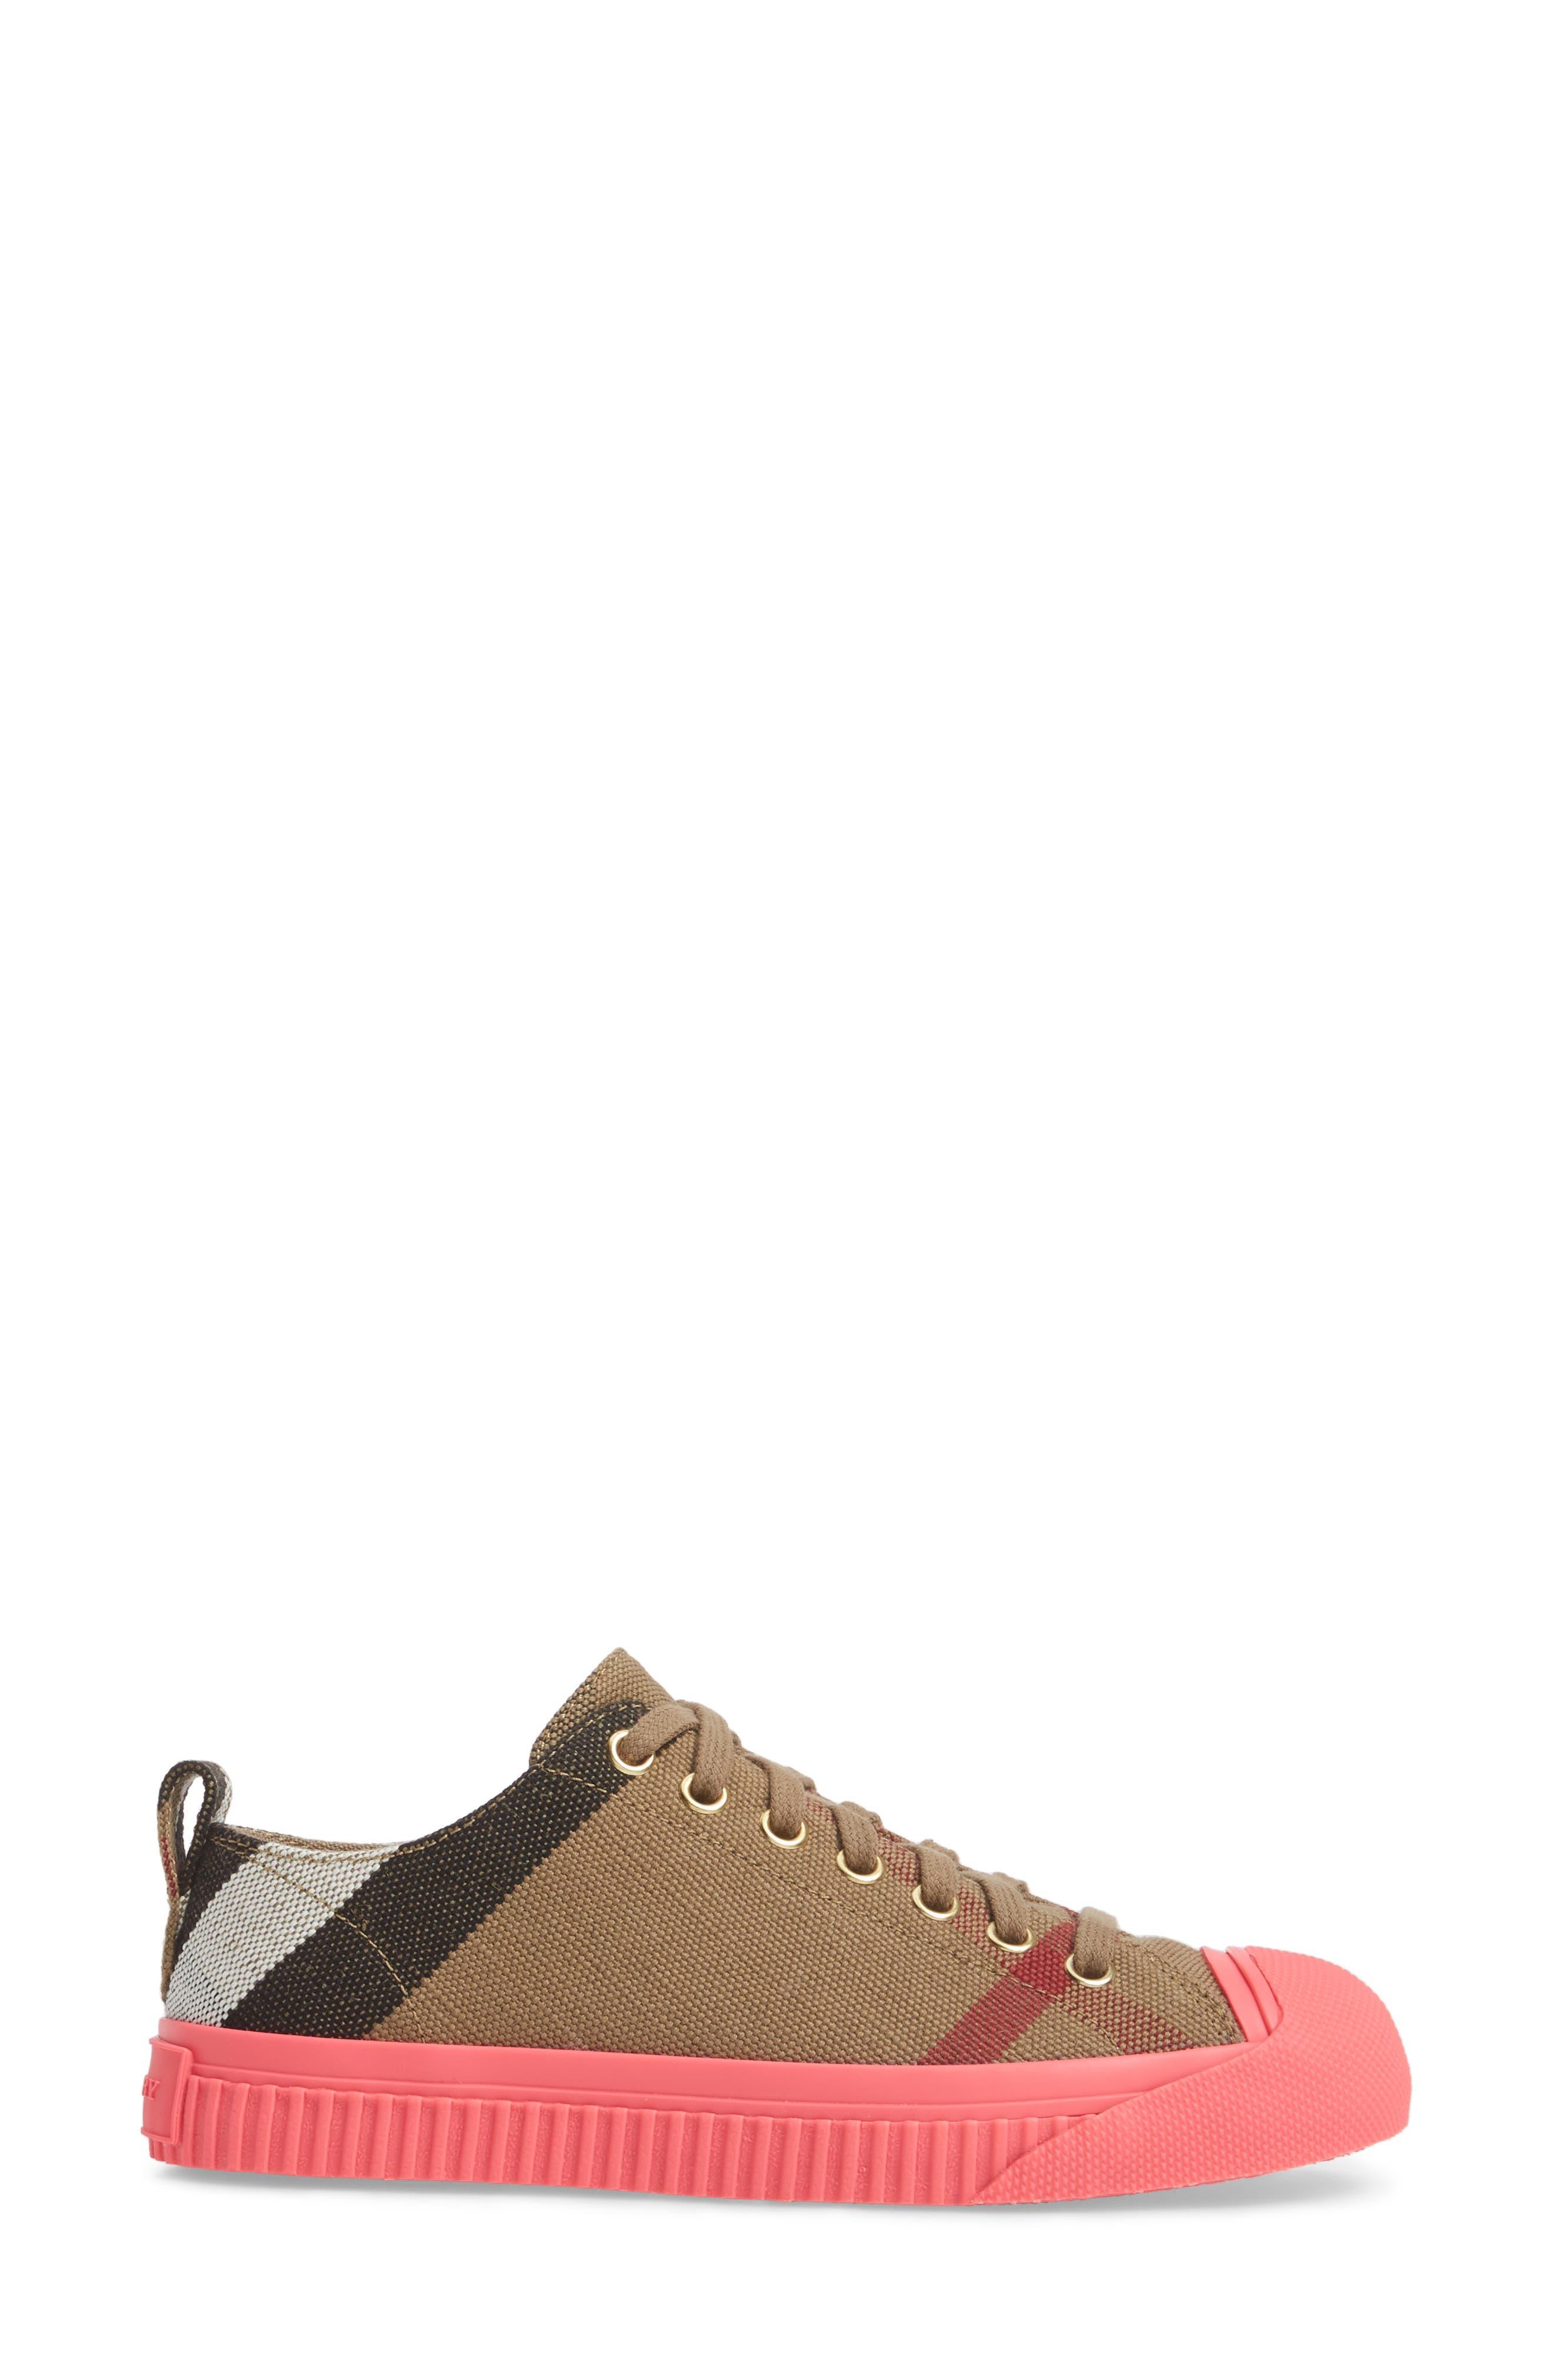 Bourne Sneaker,                             Alternate thumbnail 3, color,                             250